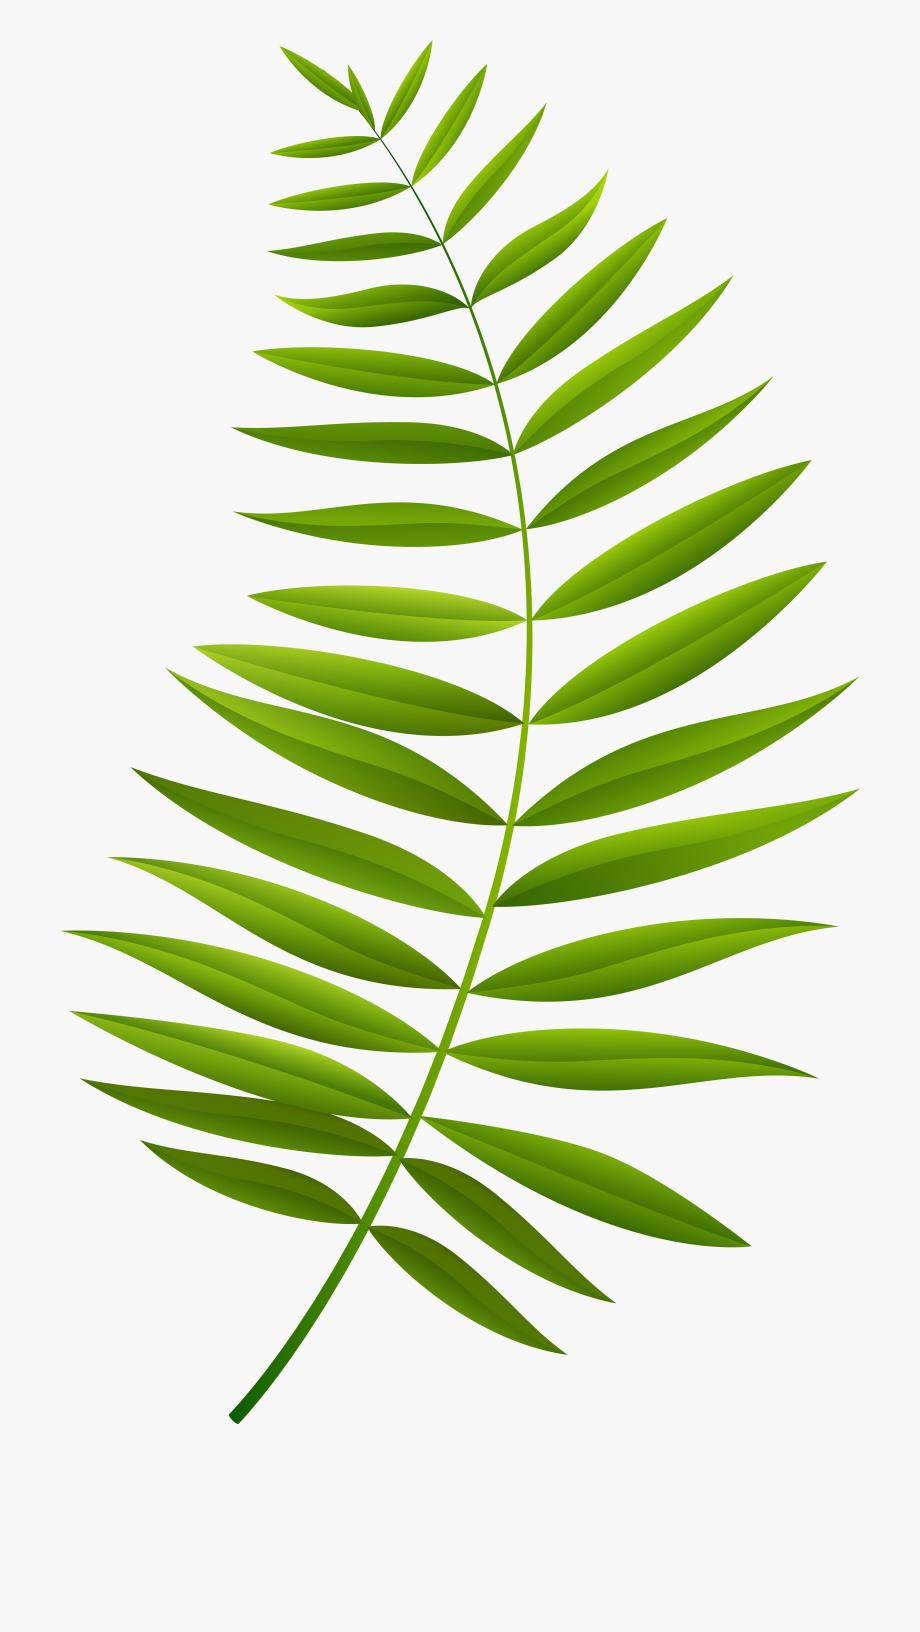 Palm clipart green branch. Transparent clip art imageu